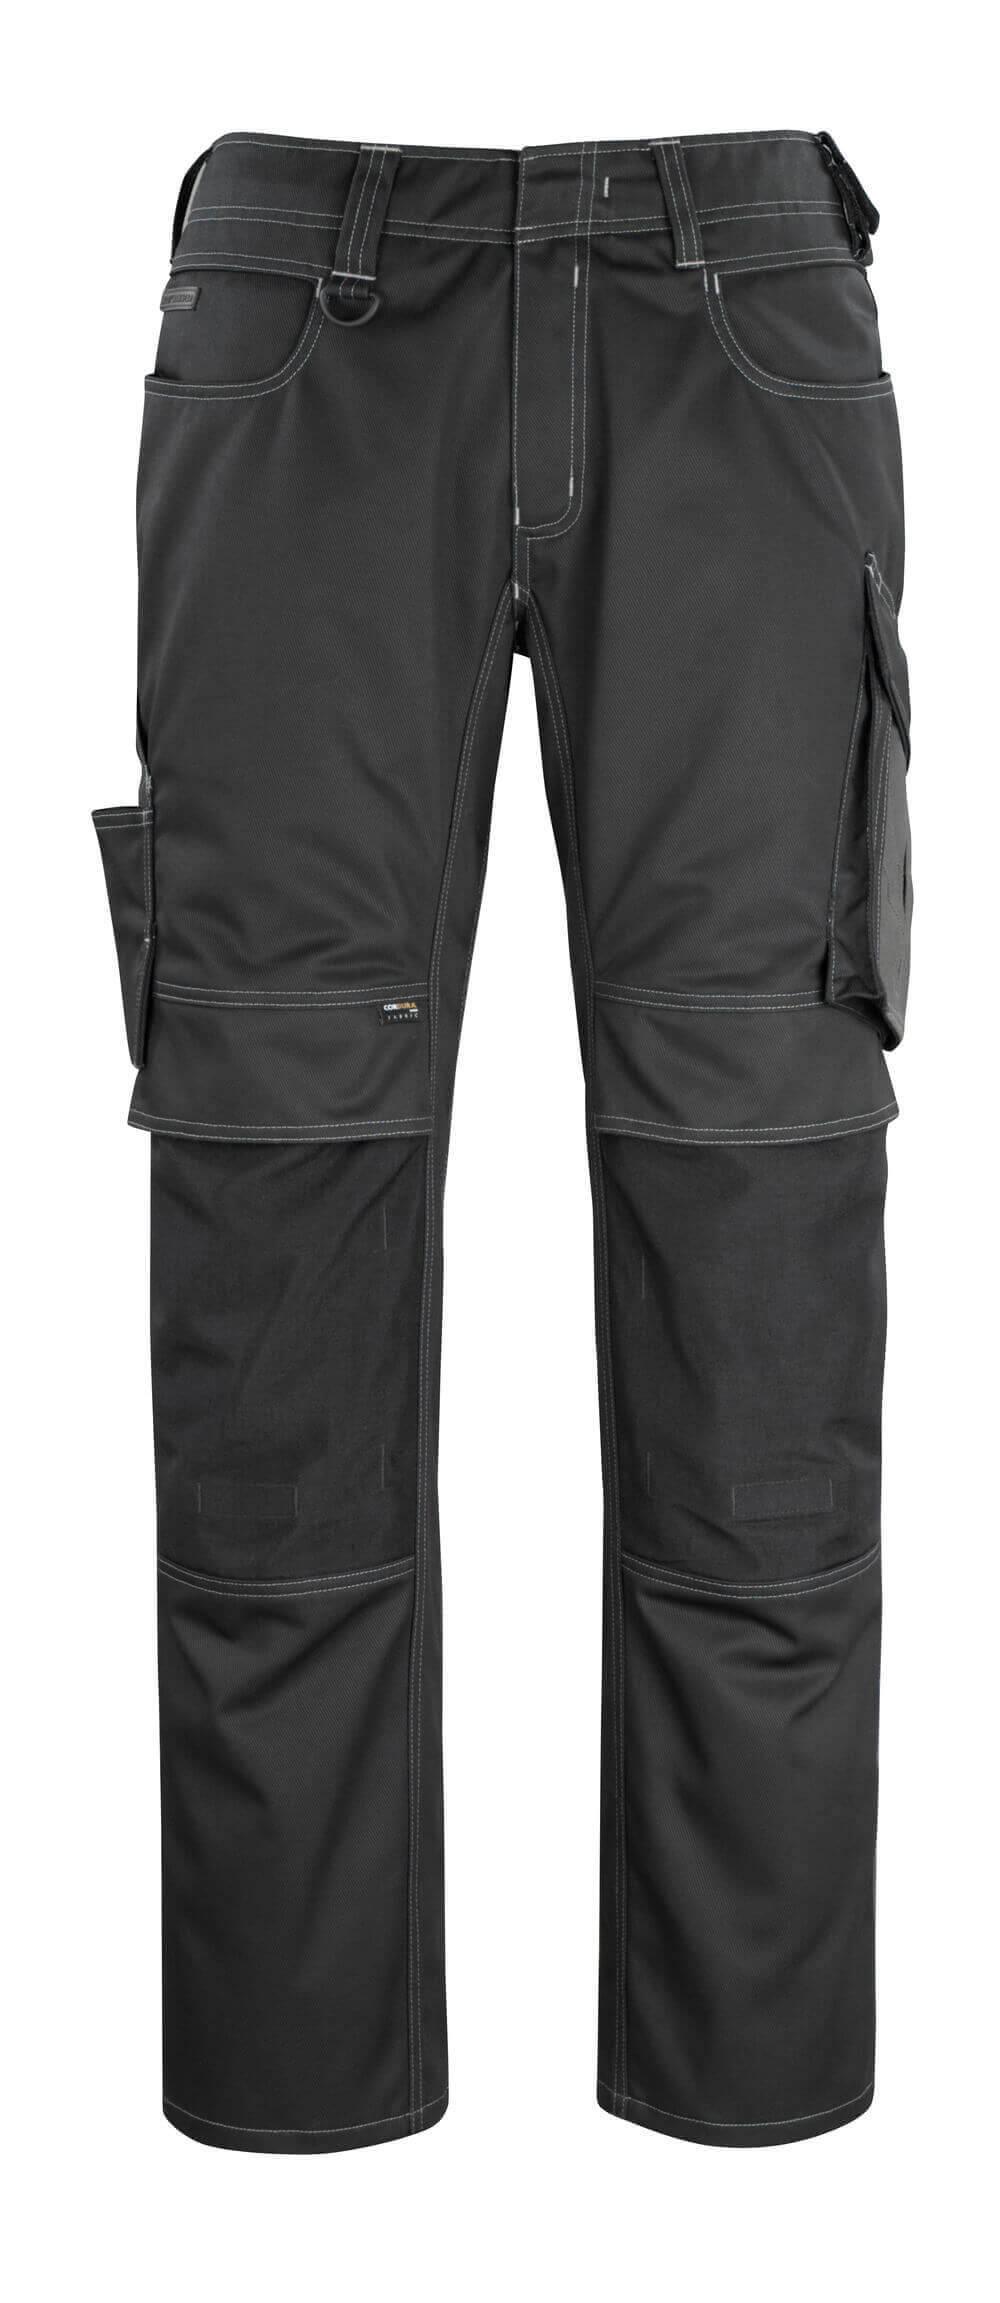 12179-203-0918 Broek met kniezakken - zwart/donkerantraciet